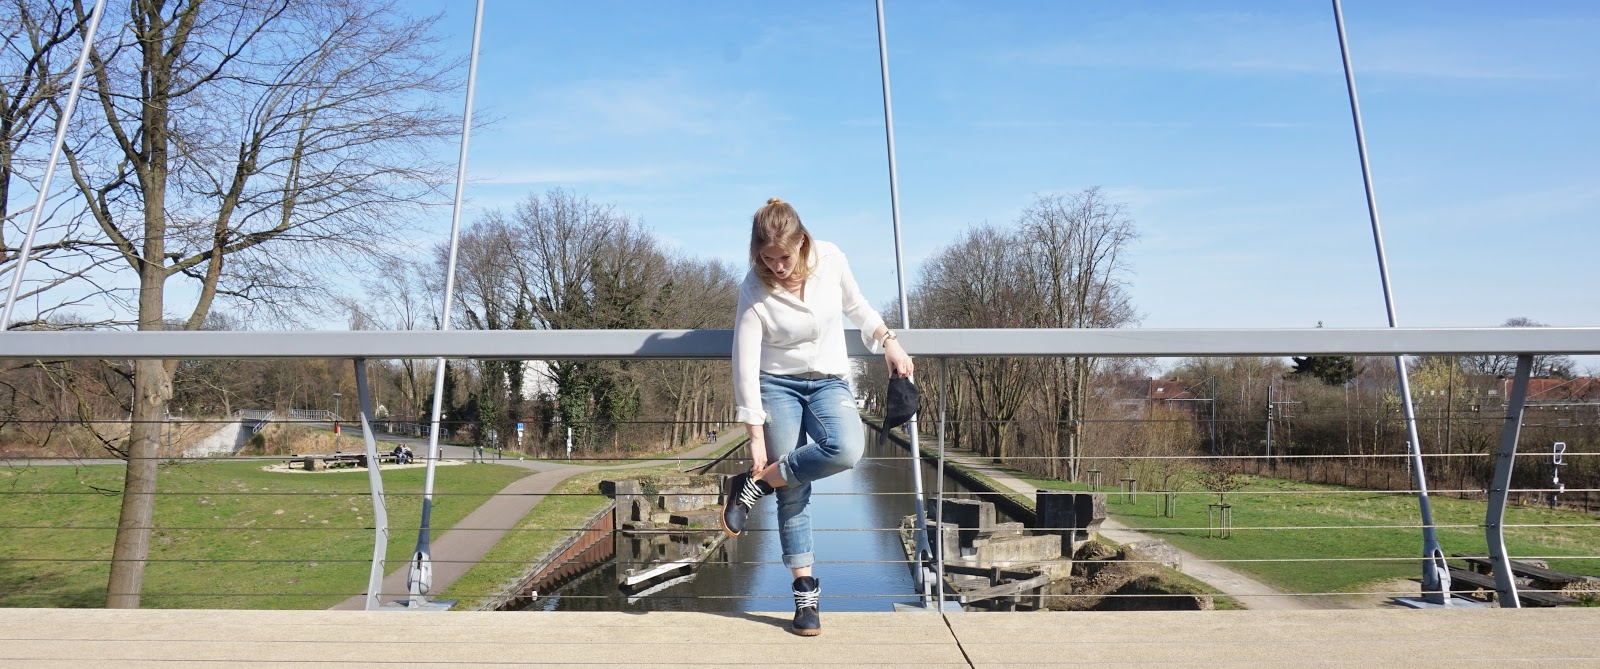 DSC05189 | Eline Van Dingenen